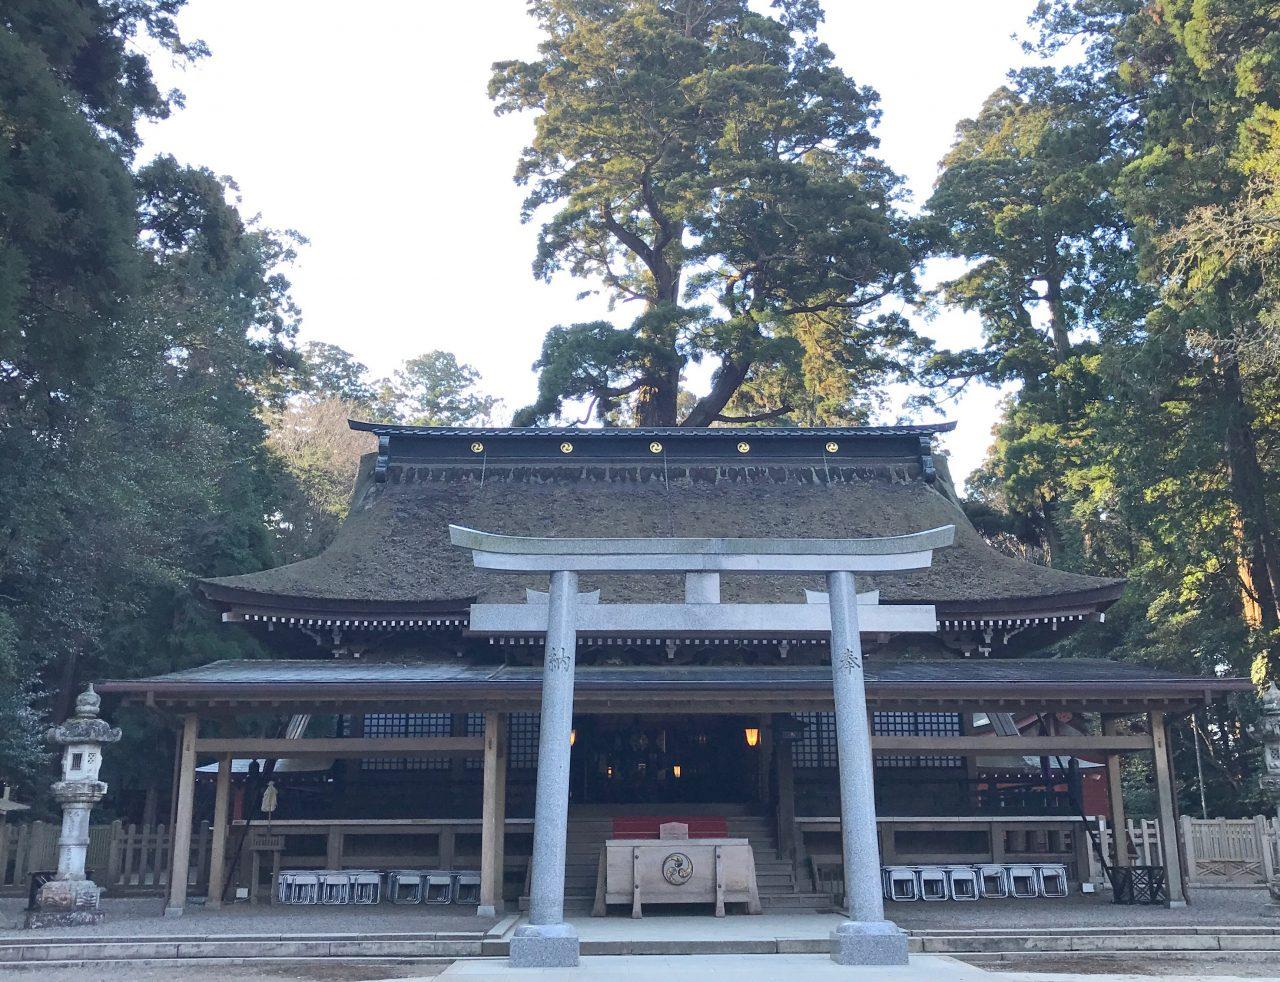 【鹿島神宮参拝】平日早朝7時がオススメ!!